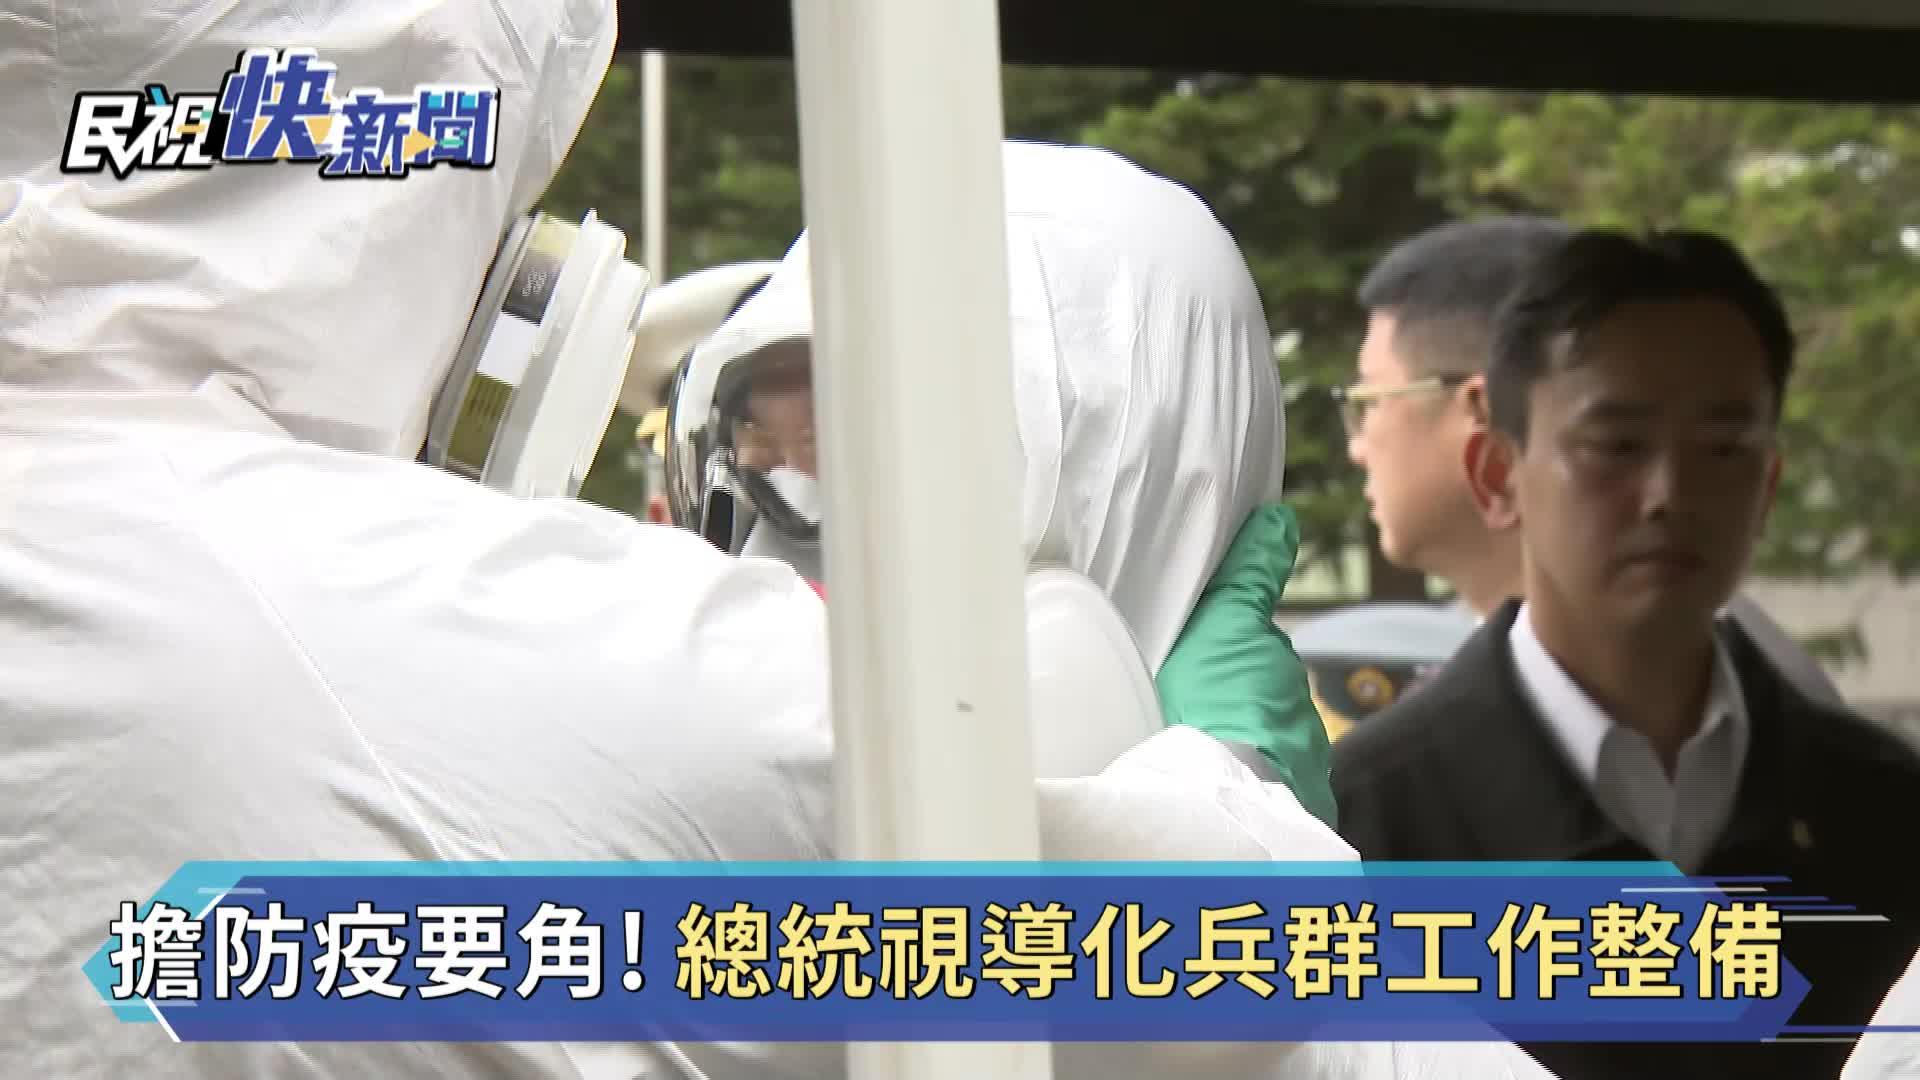 快新聞/「台商返台、公主號」化學兵都有功!蔡英文讚:中華民國國軍是鋼鐵勁旅